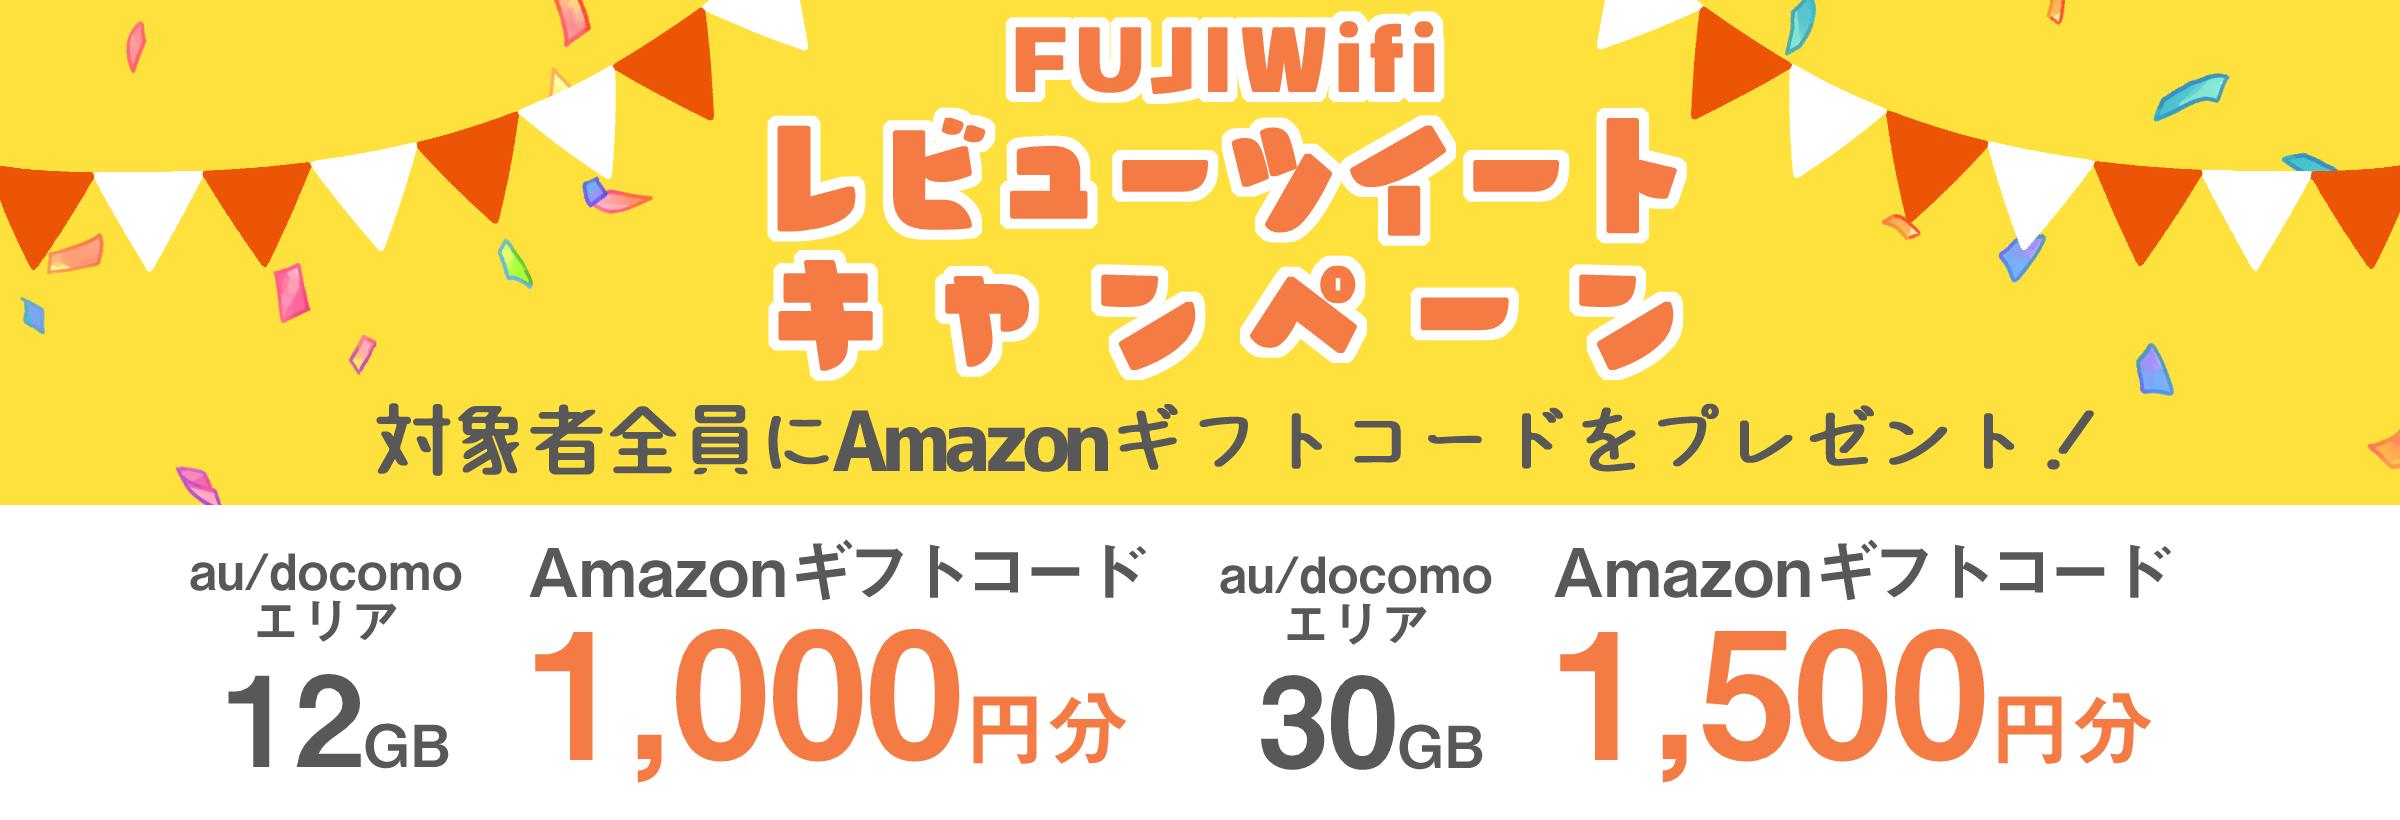 FUJI Wifi レビューツイートキャンペーン